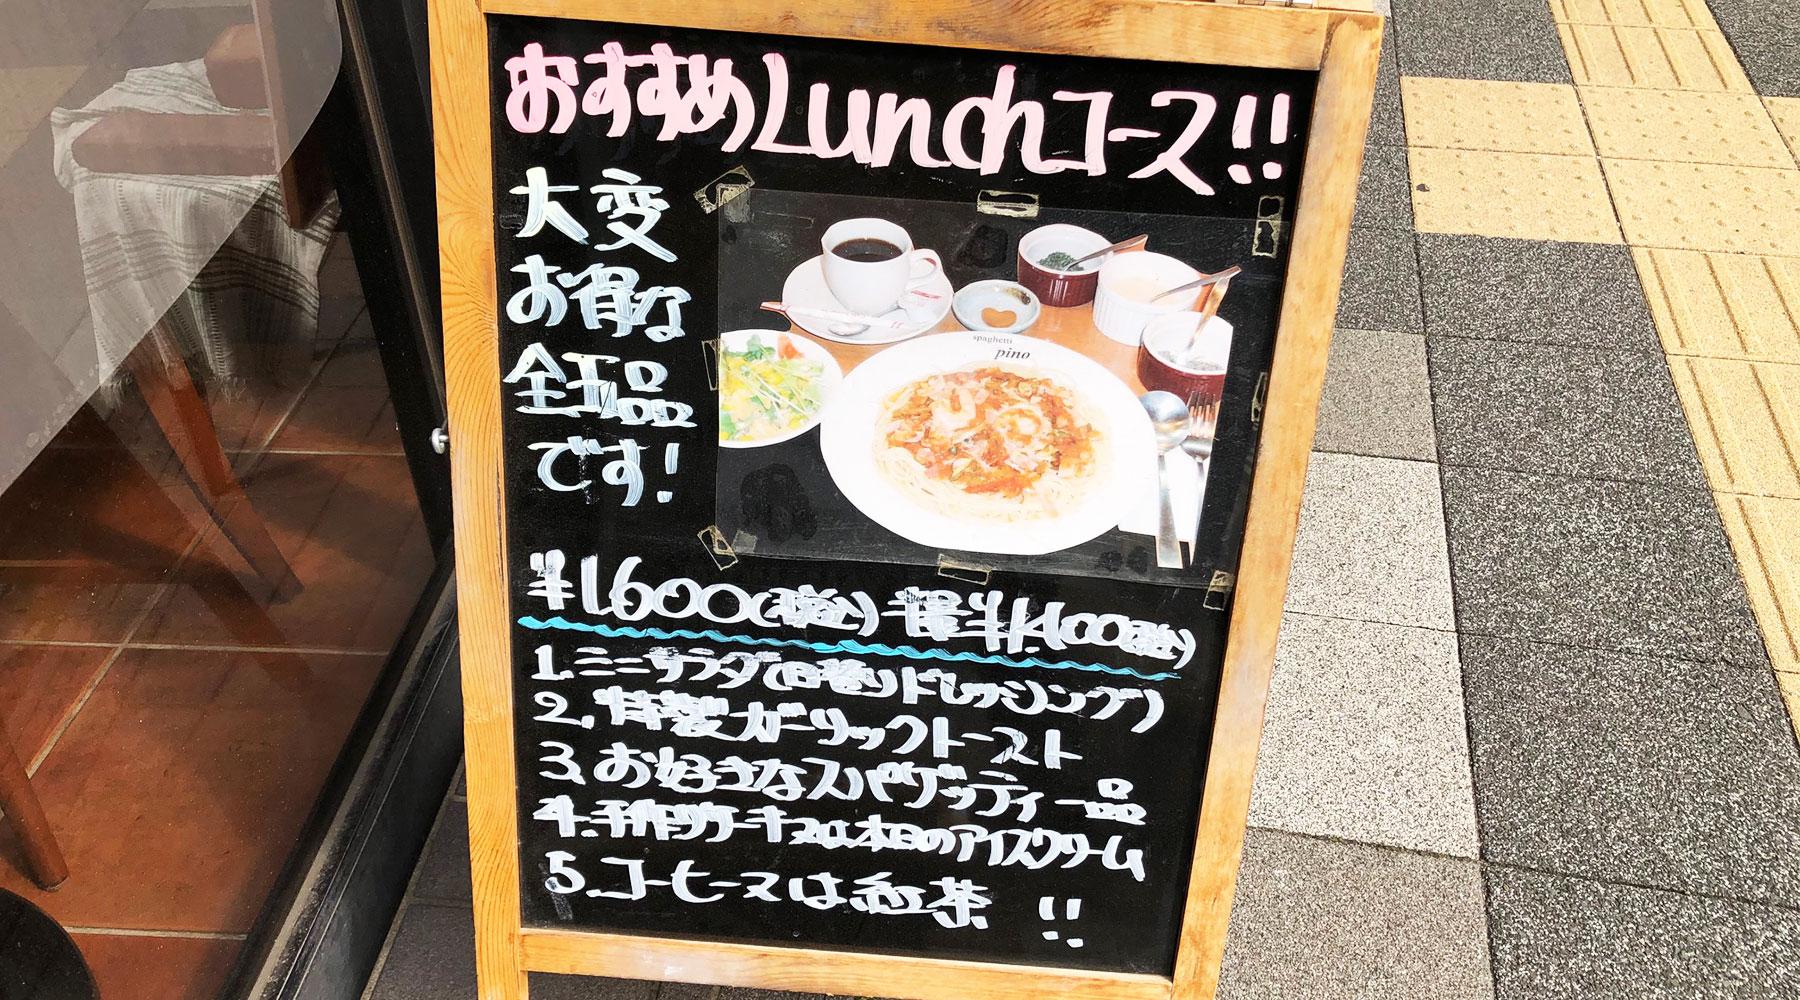 浦和のHASHIYA系、スパゲティPINOのランチコース